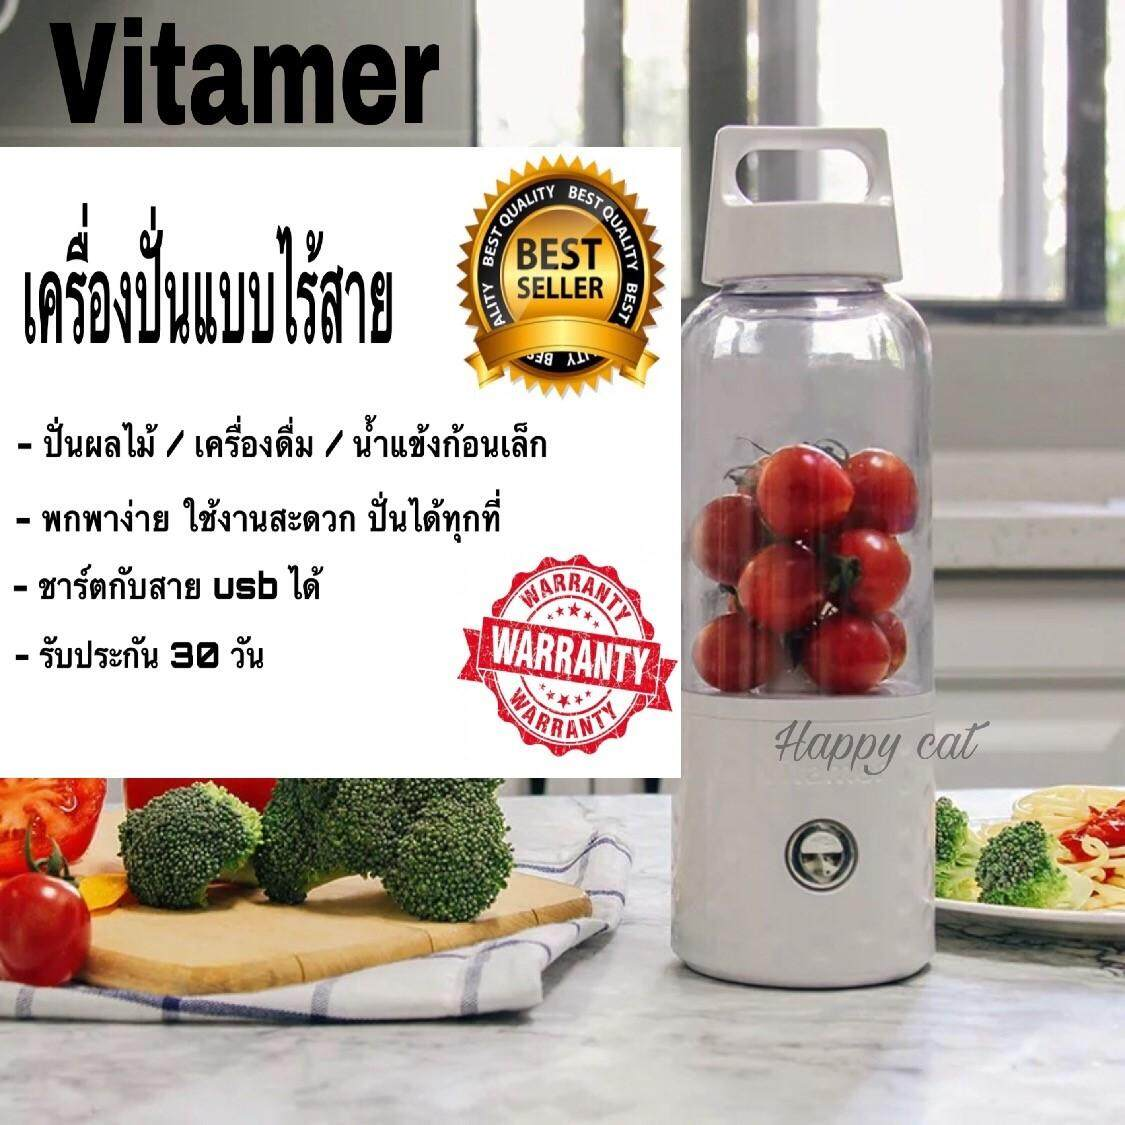 Vitamer สีขาว แก้วปั่นพกพา Vi tamer แก้วปั่นไร้สาย แก้วปั่นน้ำผลไม้ แก้วปั่นพกพา Vi - tamer แก้วปั่นไร้สาย แก้วปั่นน้ำผลไม้ แก้วปั่นผลไม้ พกพา เครื่องปั่น สมูทตี้  (สินค้าพร้อมส่ง & ส่งไว 100%) ขนาด 500 ML มีรับประกันเปลี่ยนเครื่องภายใน 30 วัน